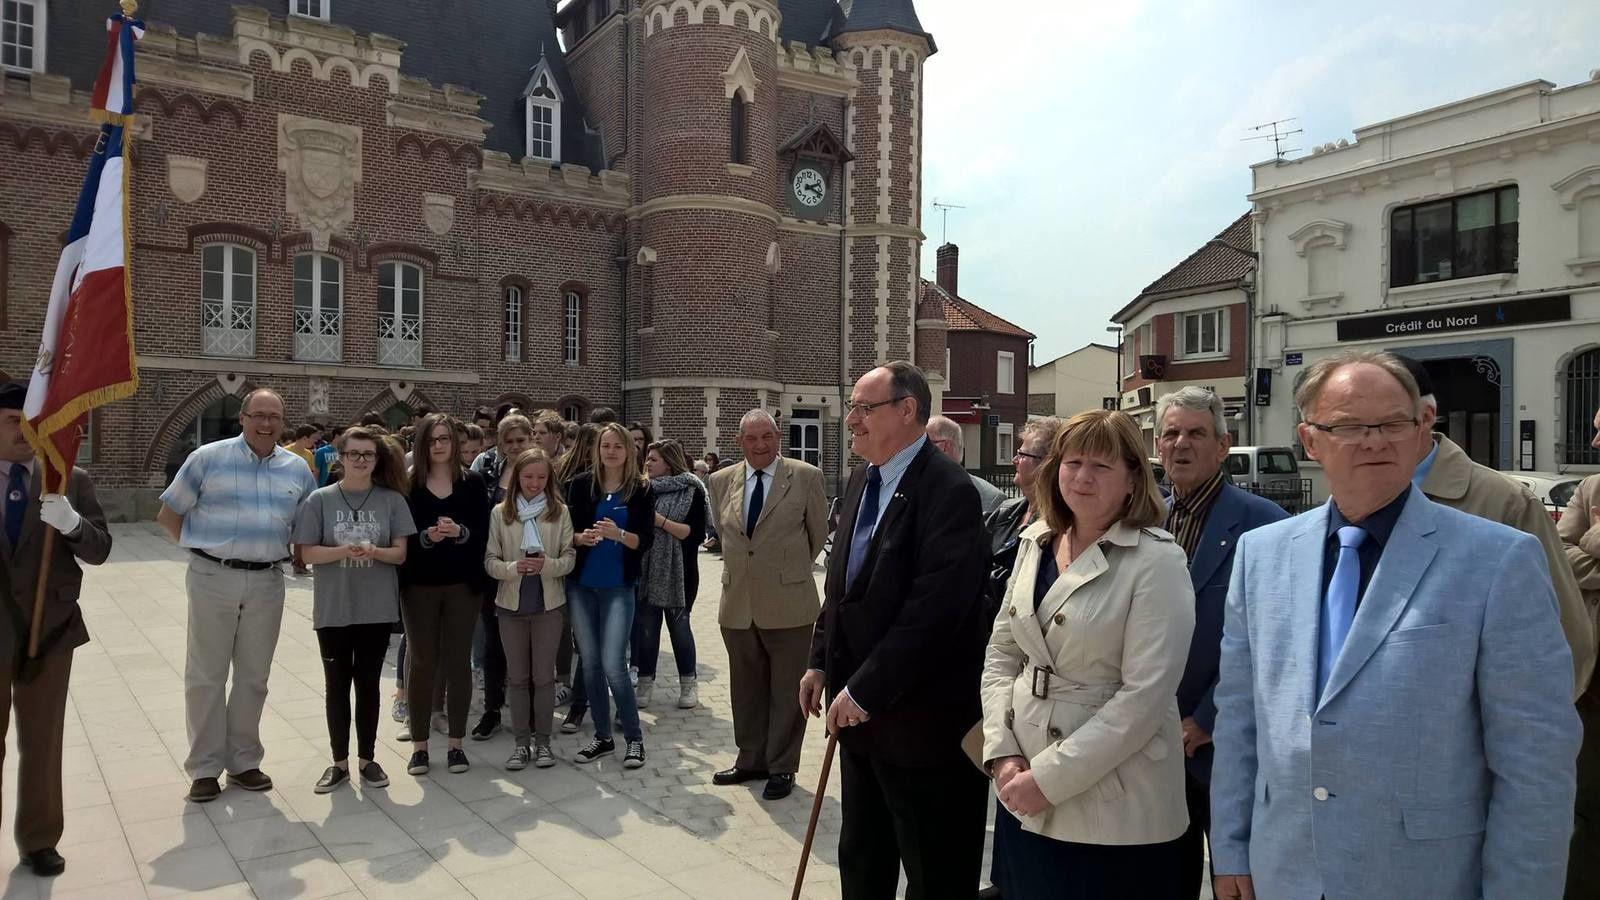 Commémoration du souvenir des victimes et des héros de la déportation de la guerre 39-45 avec les élèves de St-Colette organisé par le Souvenir Français de Corbie et le collège St-Colette.